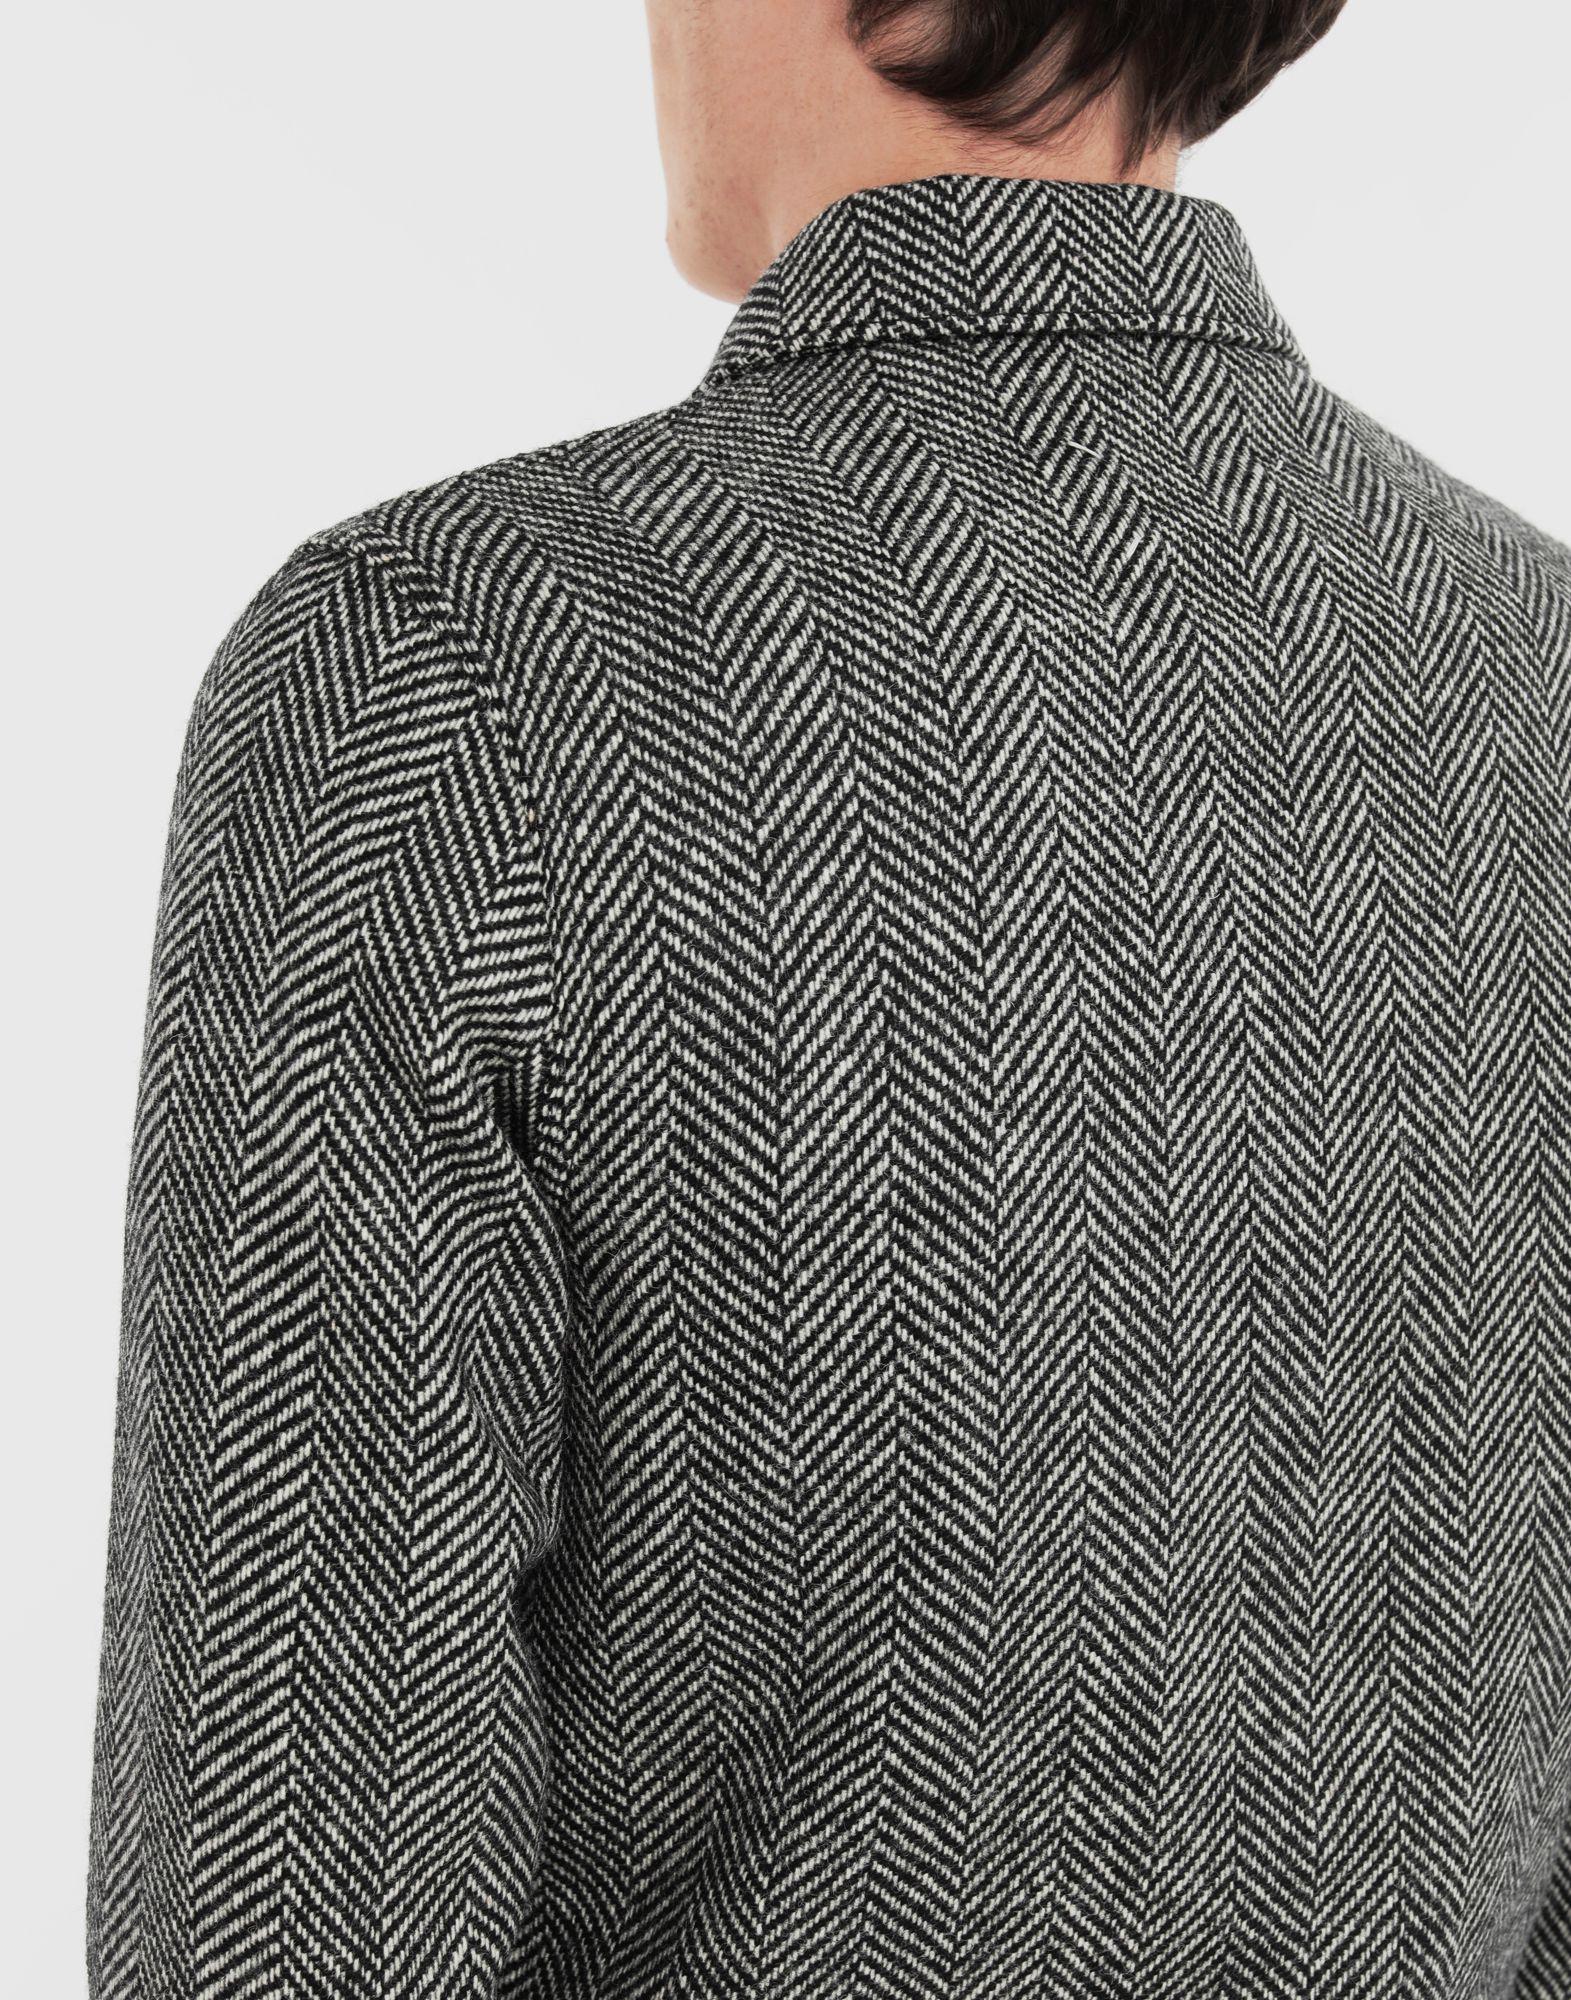 MAISON MARGIELA Пиджак в ёлочку в технике Décortiqué Куртка Для Мужчин b